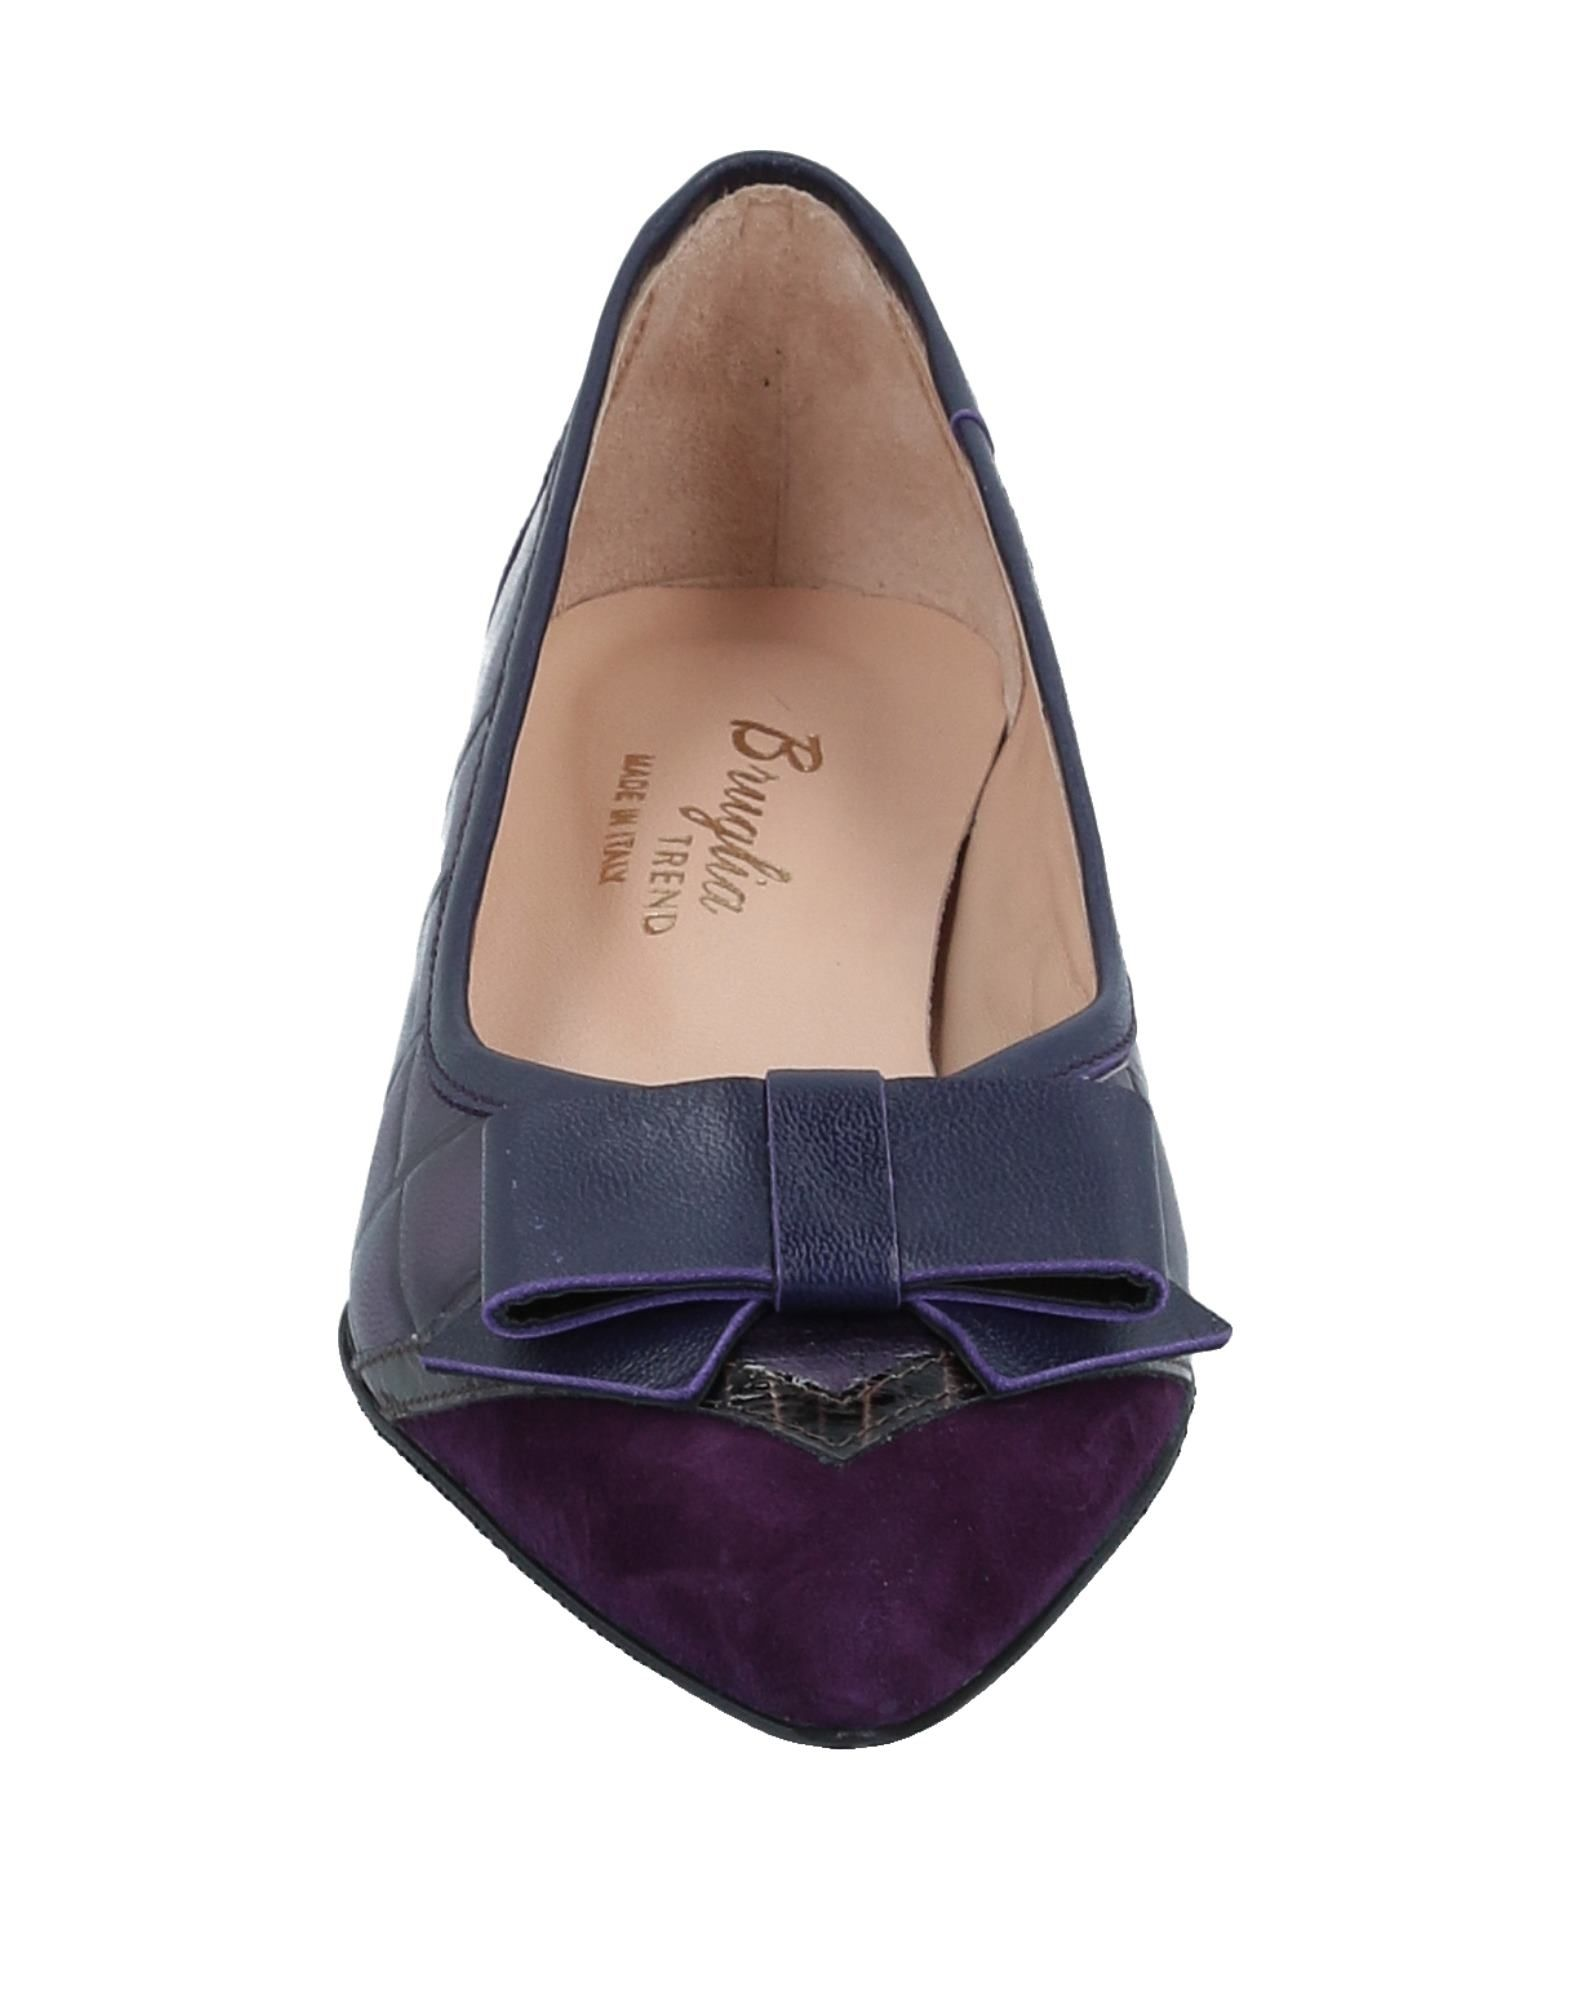 F.Lli Bruglia aussehende Ballerinas Damen  11520014TIGut aussehende Bruglia strapazierfähige Schuhe 8e8d47